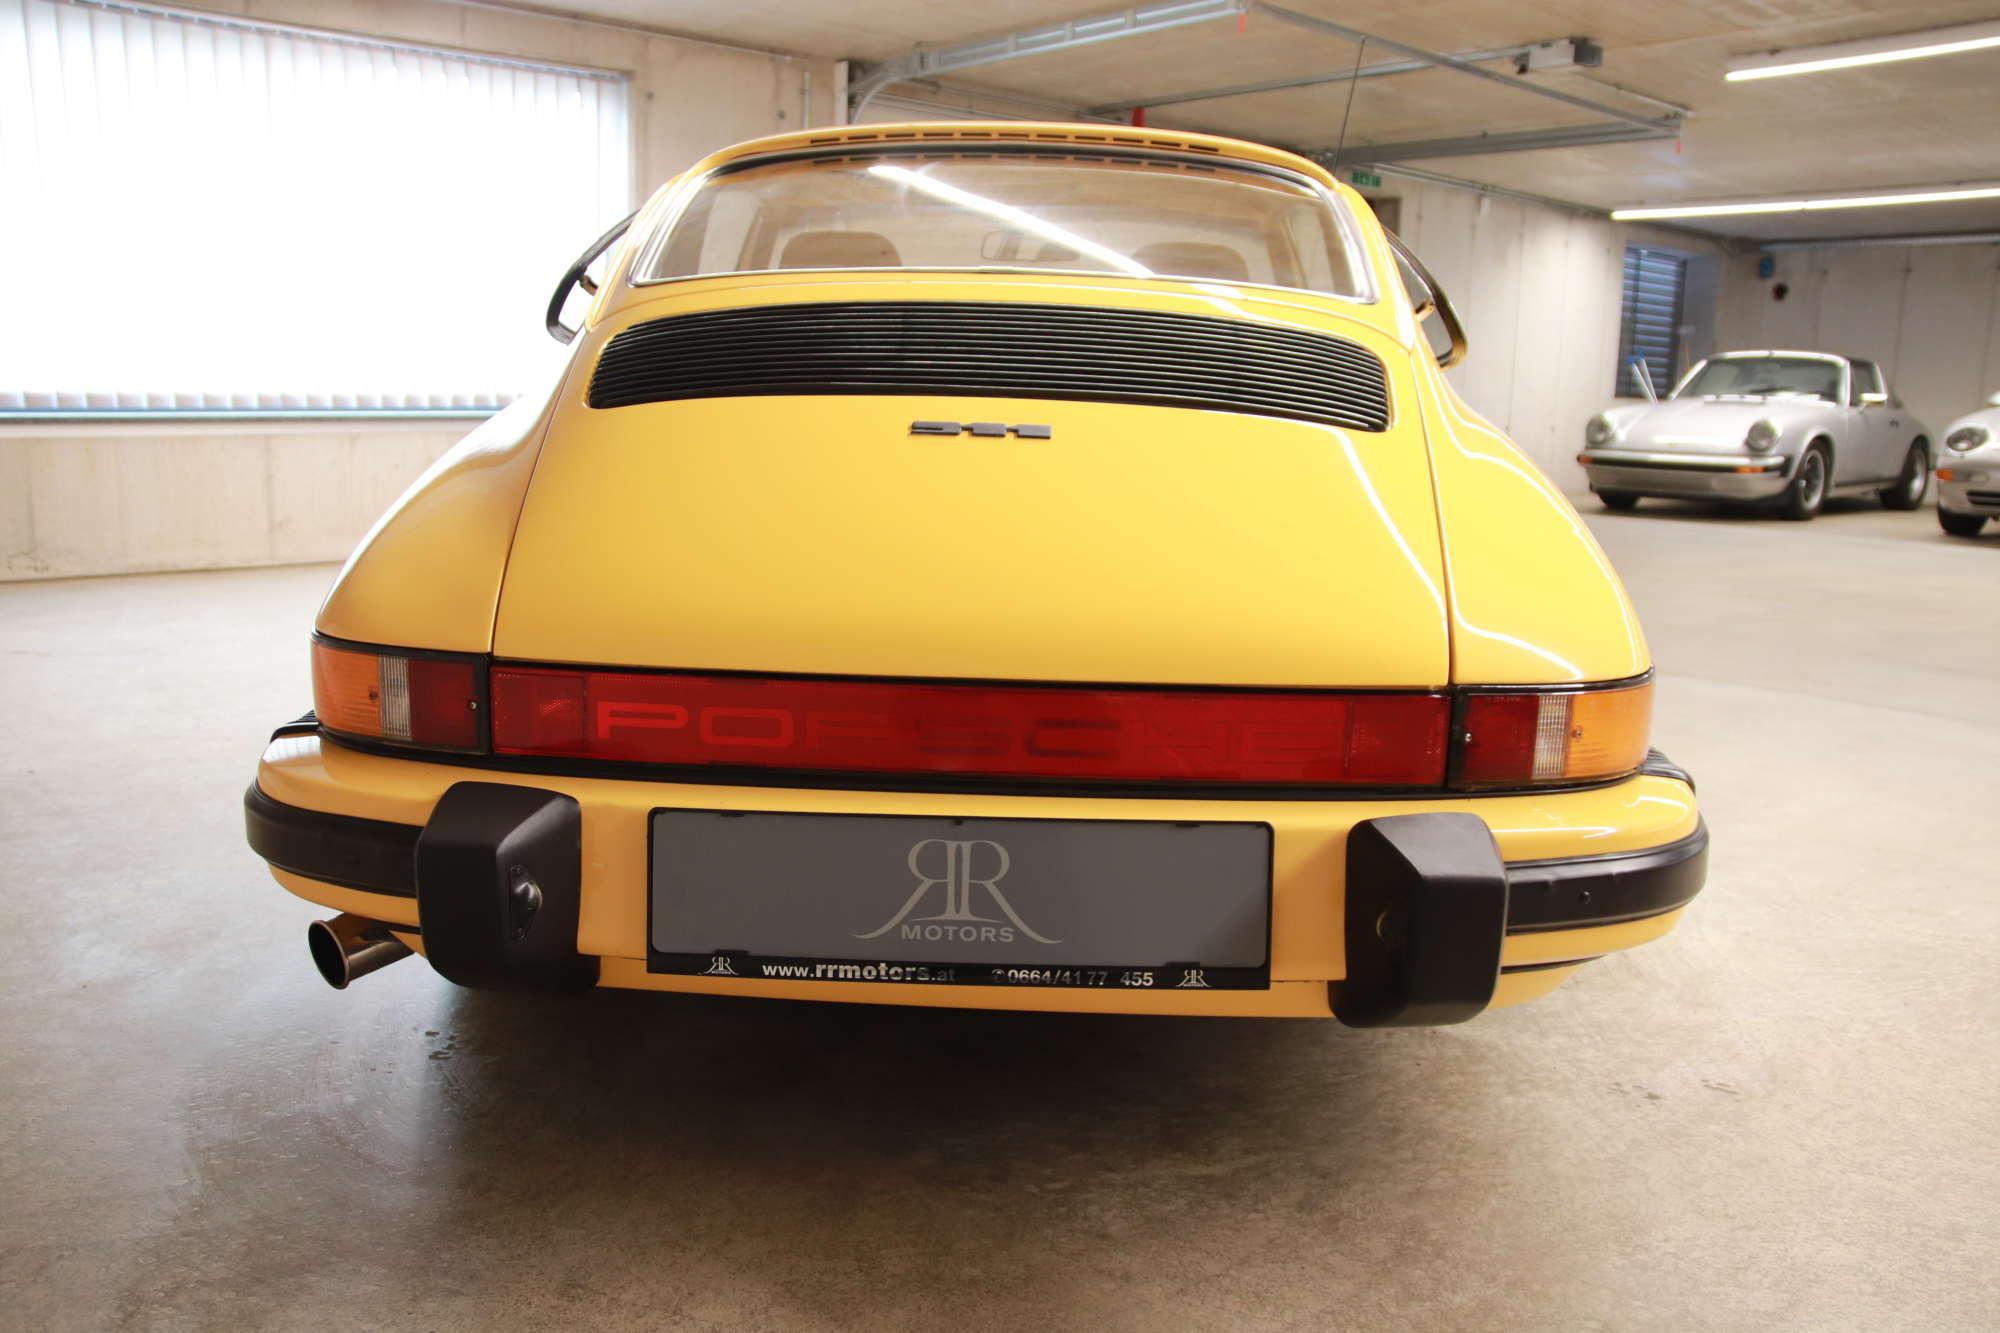 Porsche 911 - elferspot.com - Marktplatz für Porsche Sportwagen